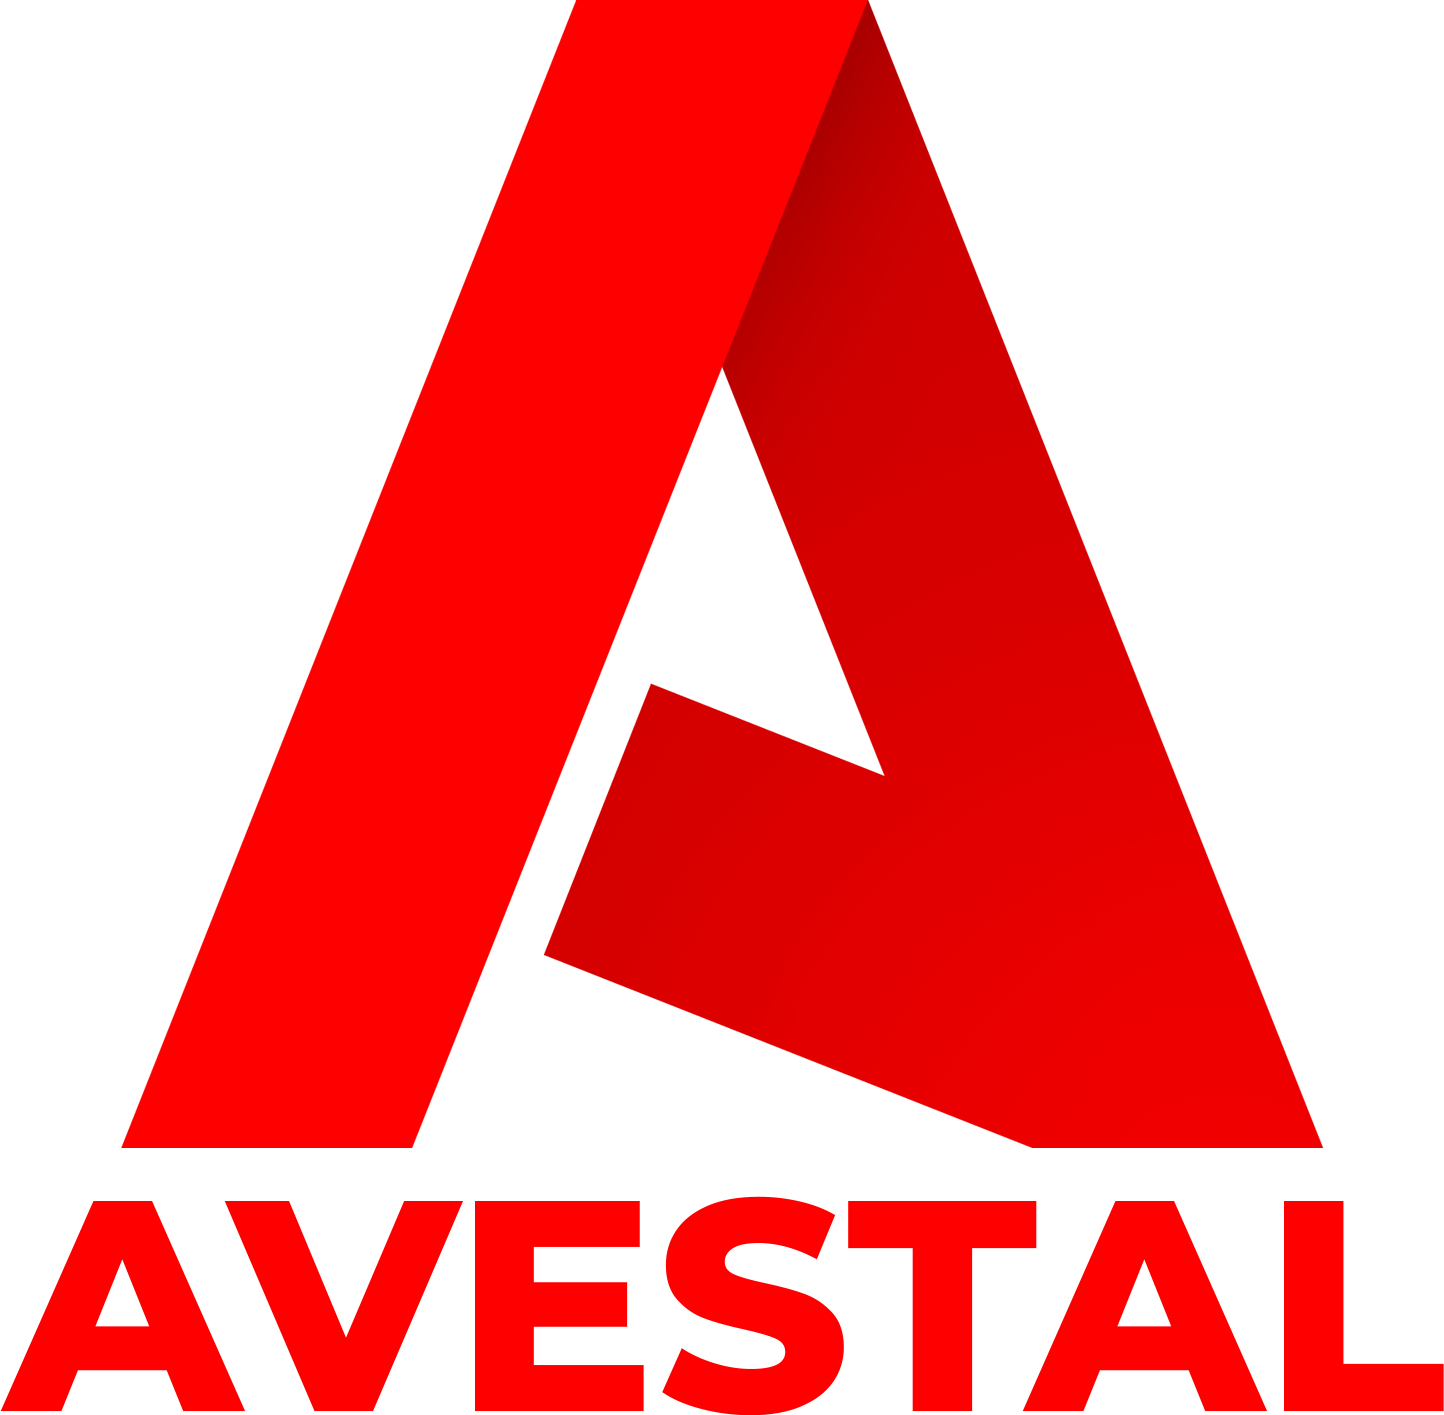 Avestal